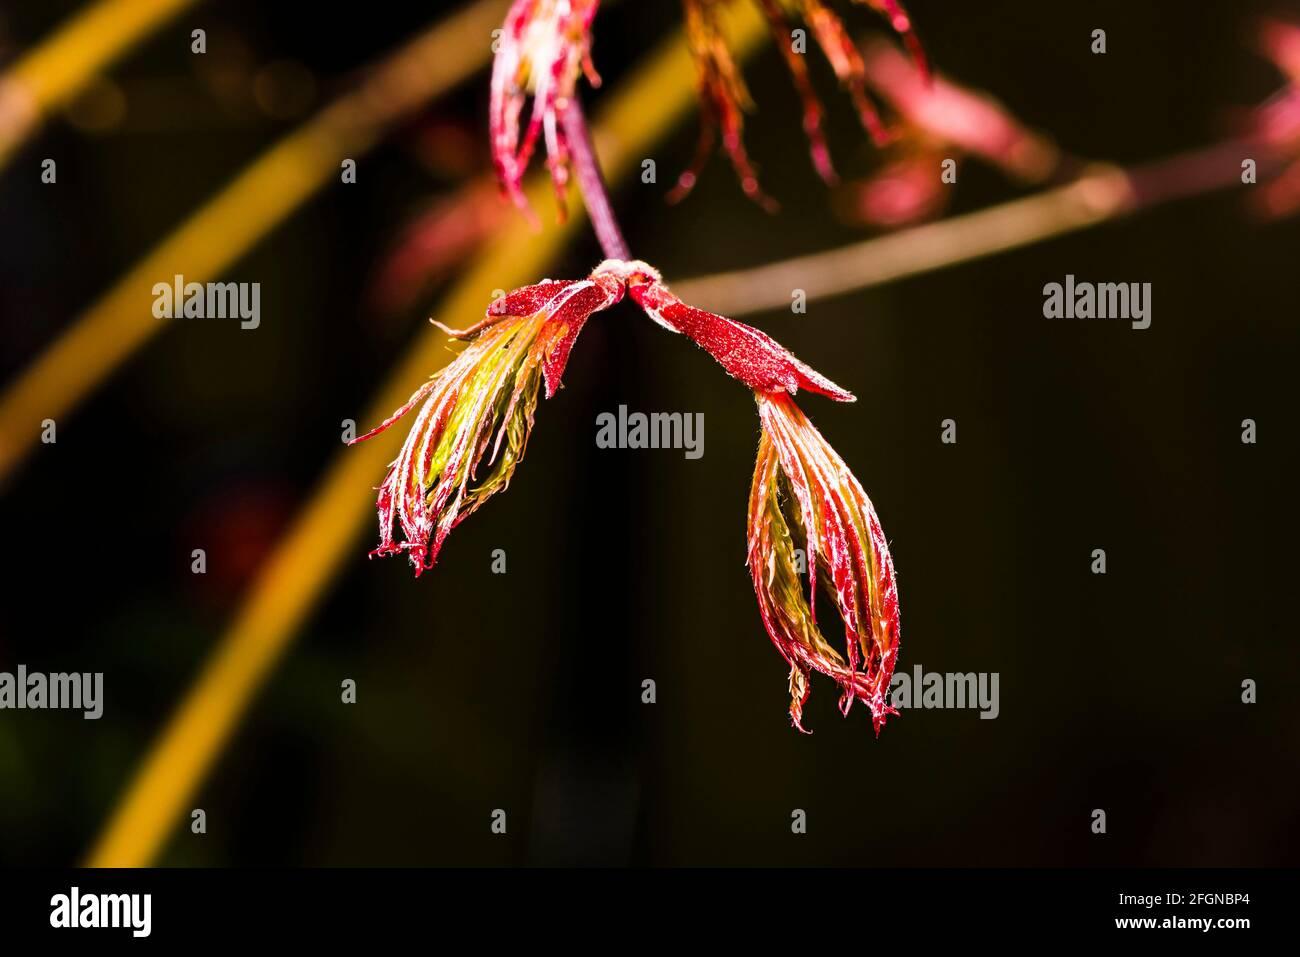 Gros plan d'une feuille ouvrante sur un arbre Acer palmatum 'Bloodgood' dans un jardin de printemps du nord de Londres, Londres, Royaume-Uni Banque D'Images